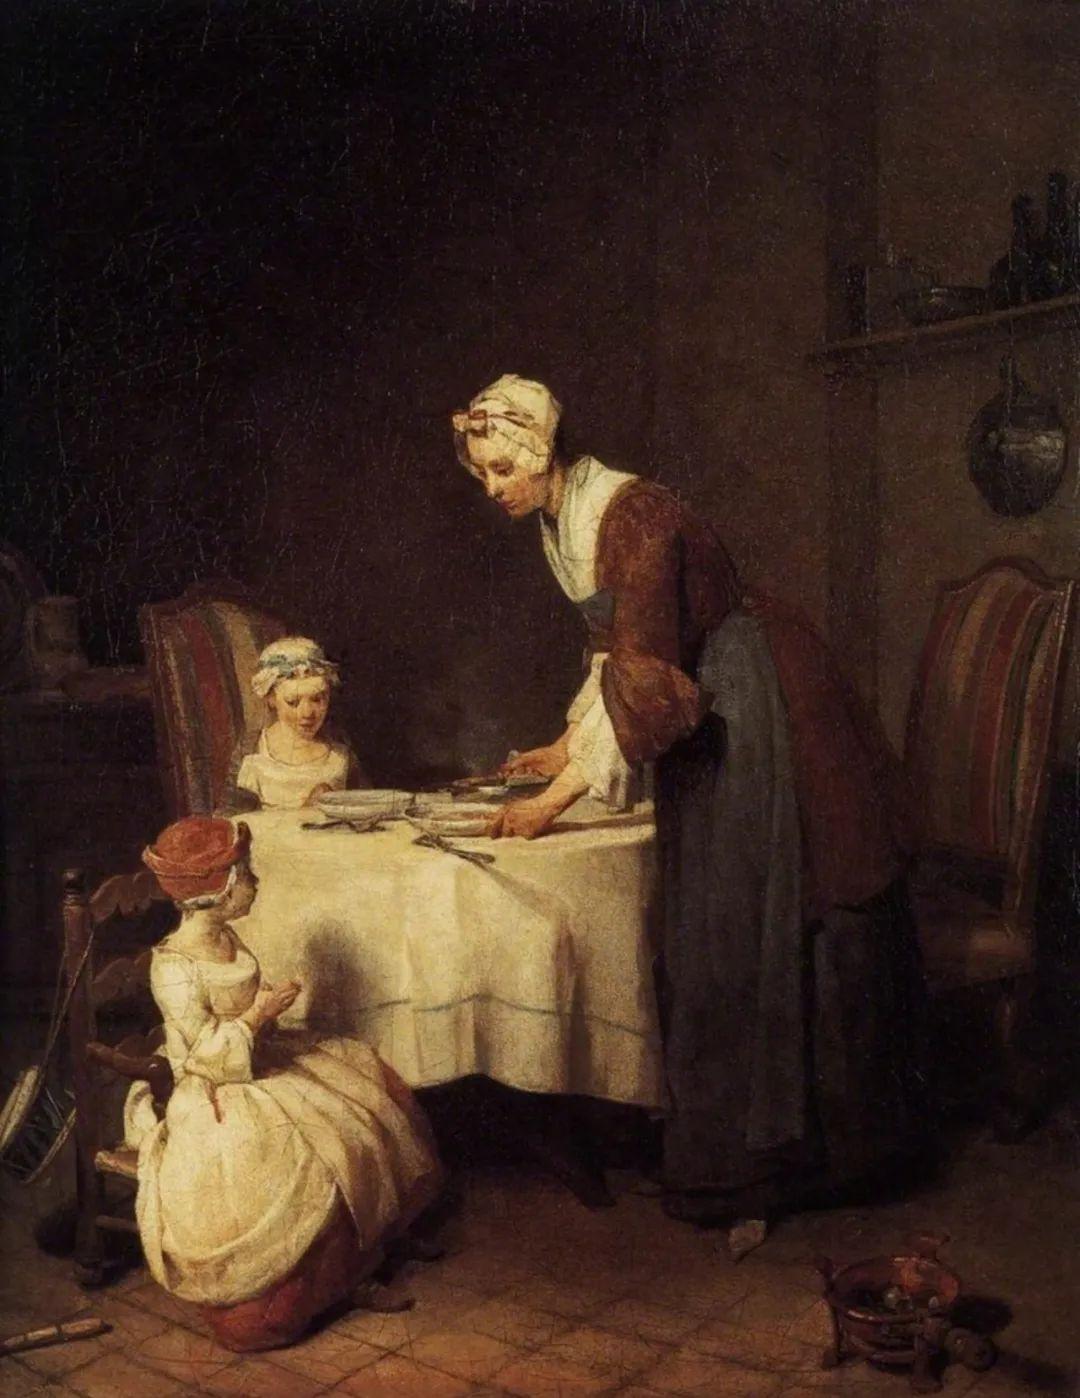 母亲节:世界名画中最伟大、最温情的爱!插图121